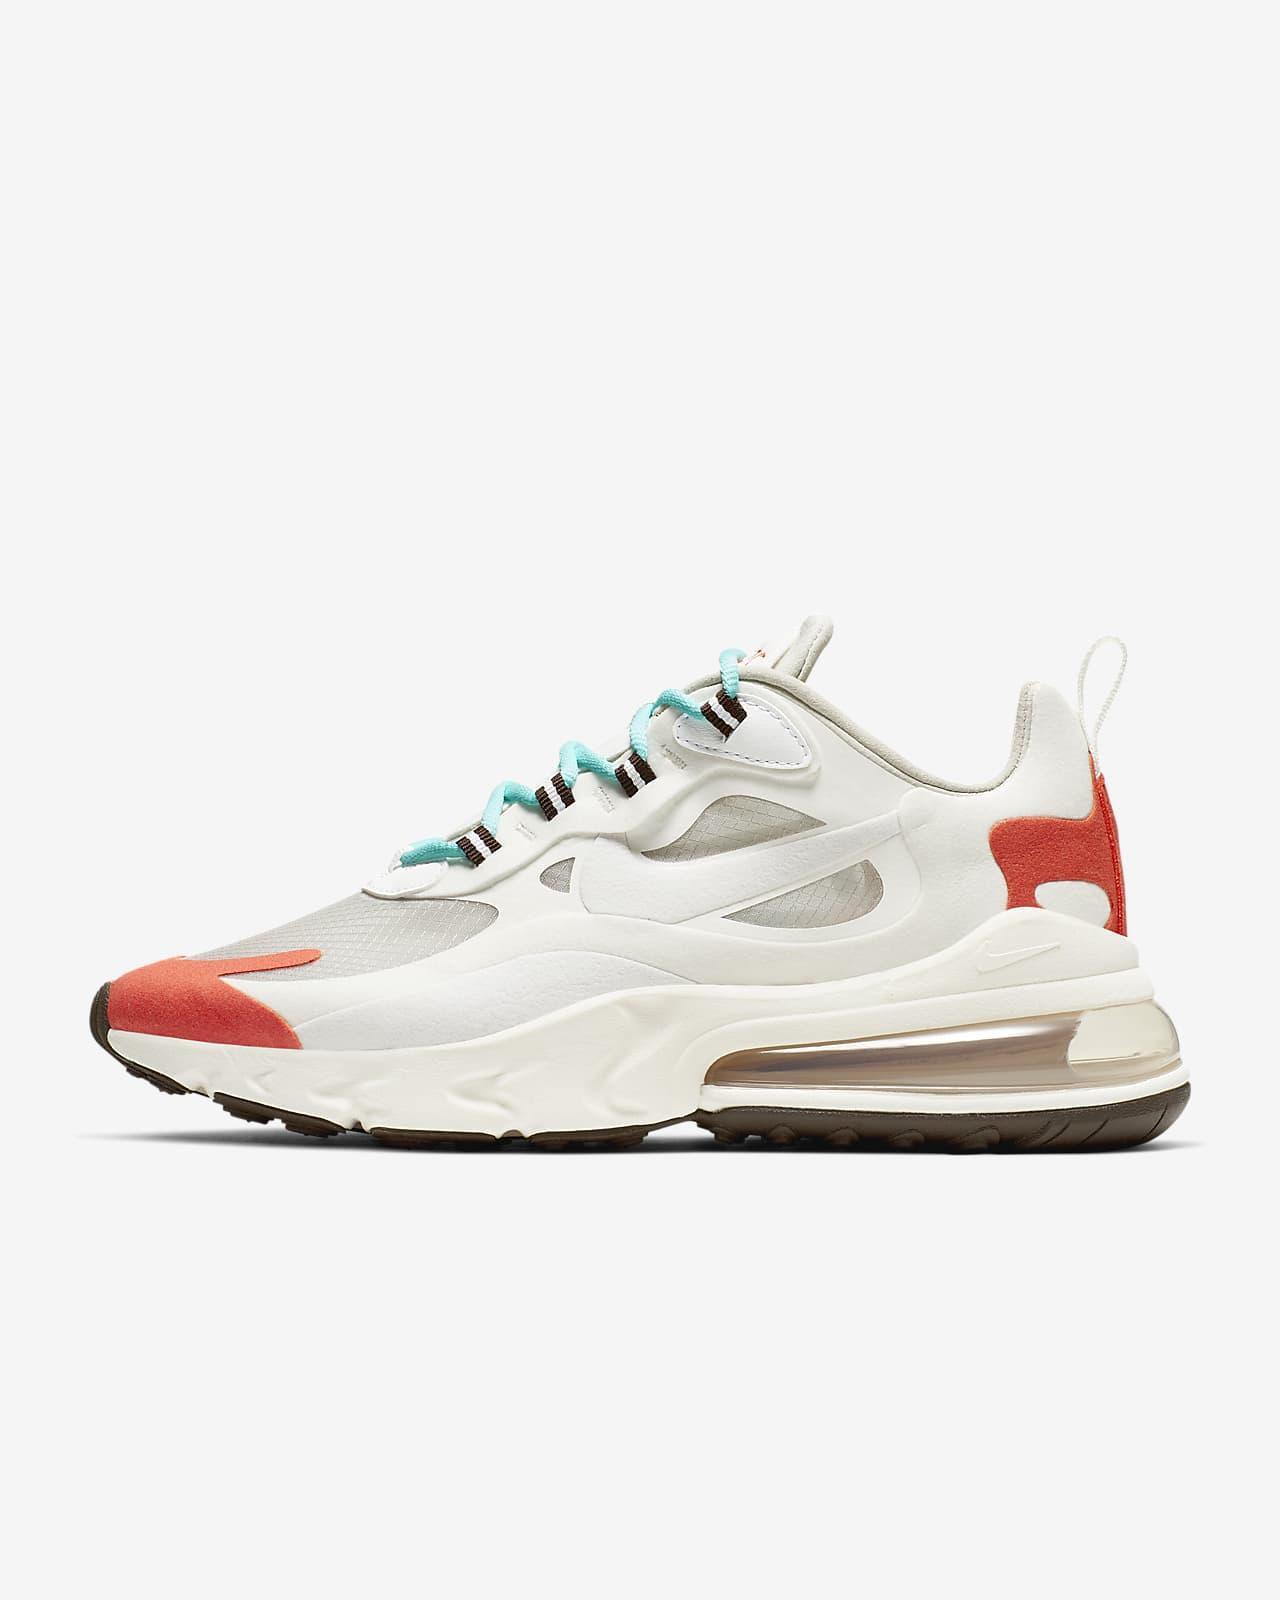 Meseta Buen sentimiento encanto  Nike Air Max 270 React (Mid-Century) Women's Shoe. Nike ID